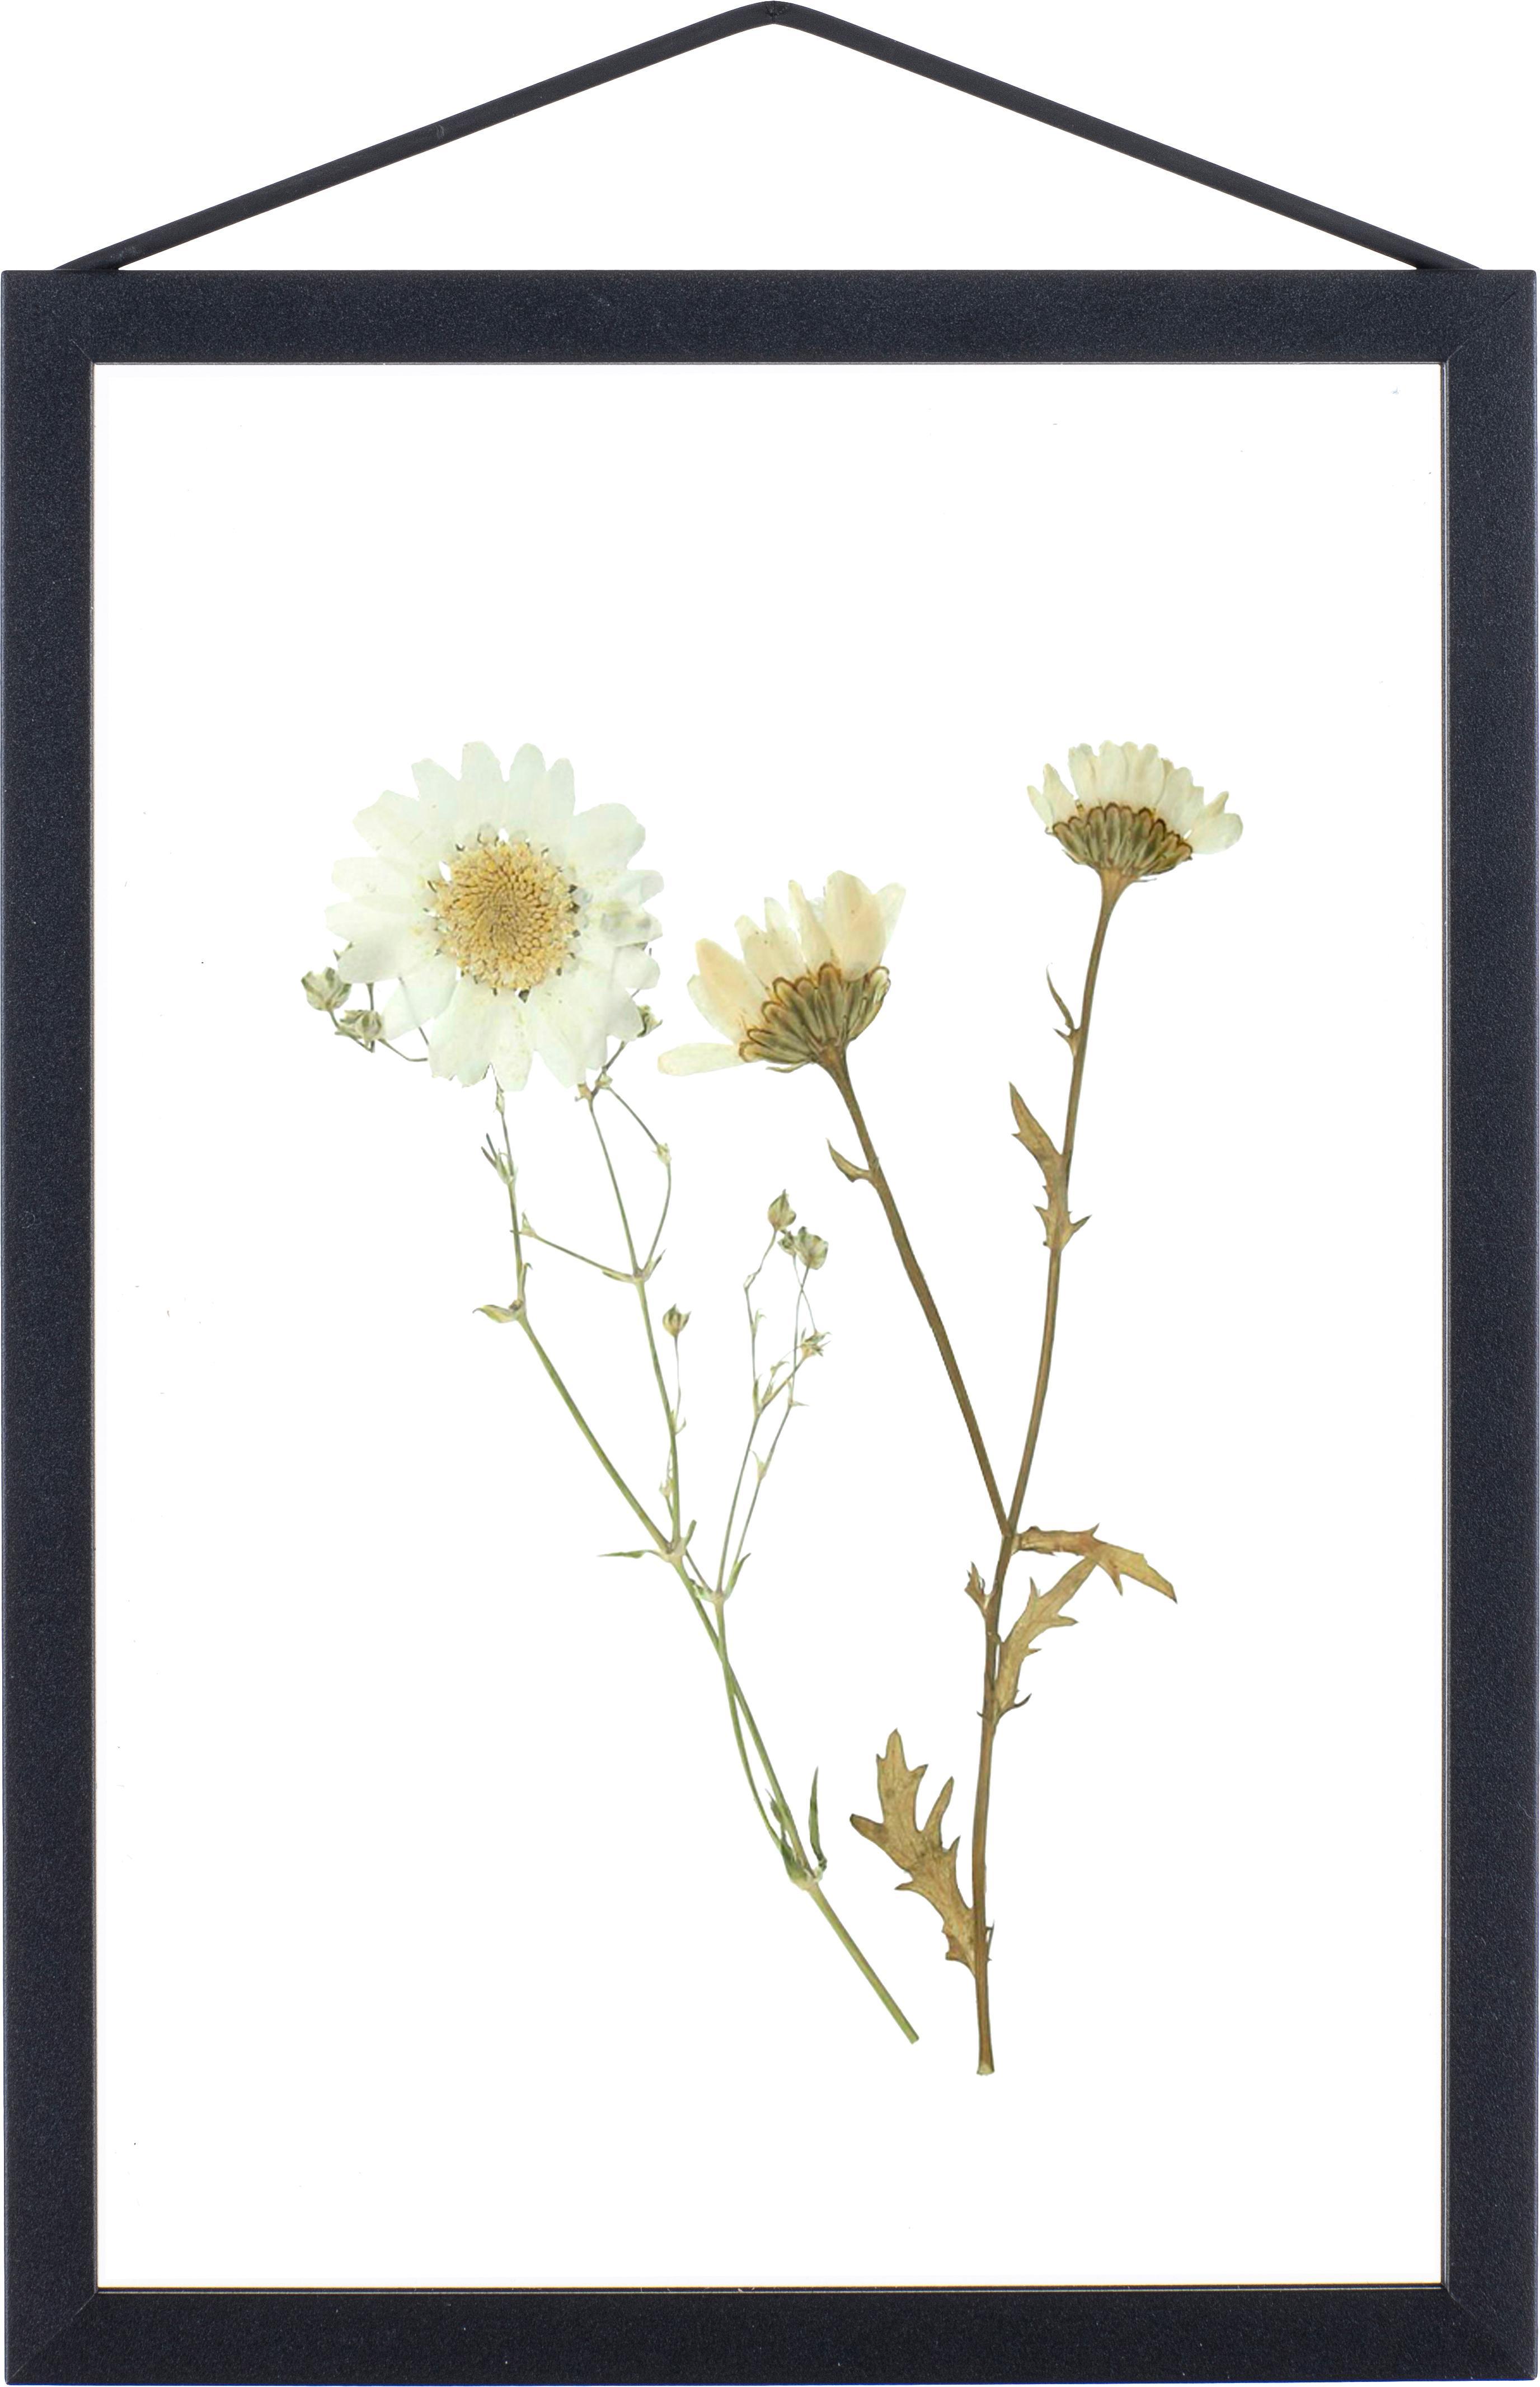 Fotolijst Frame, Frame: Aluminium, poedercoating, Frame: Zwart<br>Ophanging: Zwart<br>Voorkant en achterkant: Transparant, 17 x 23 cm